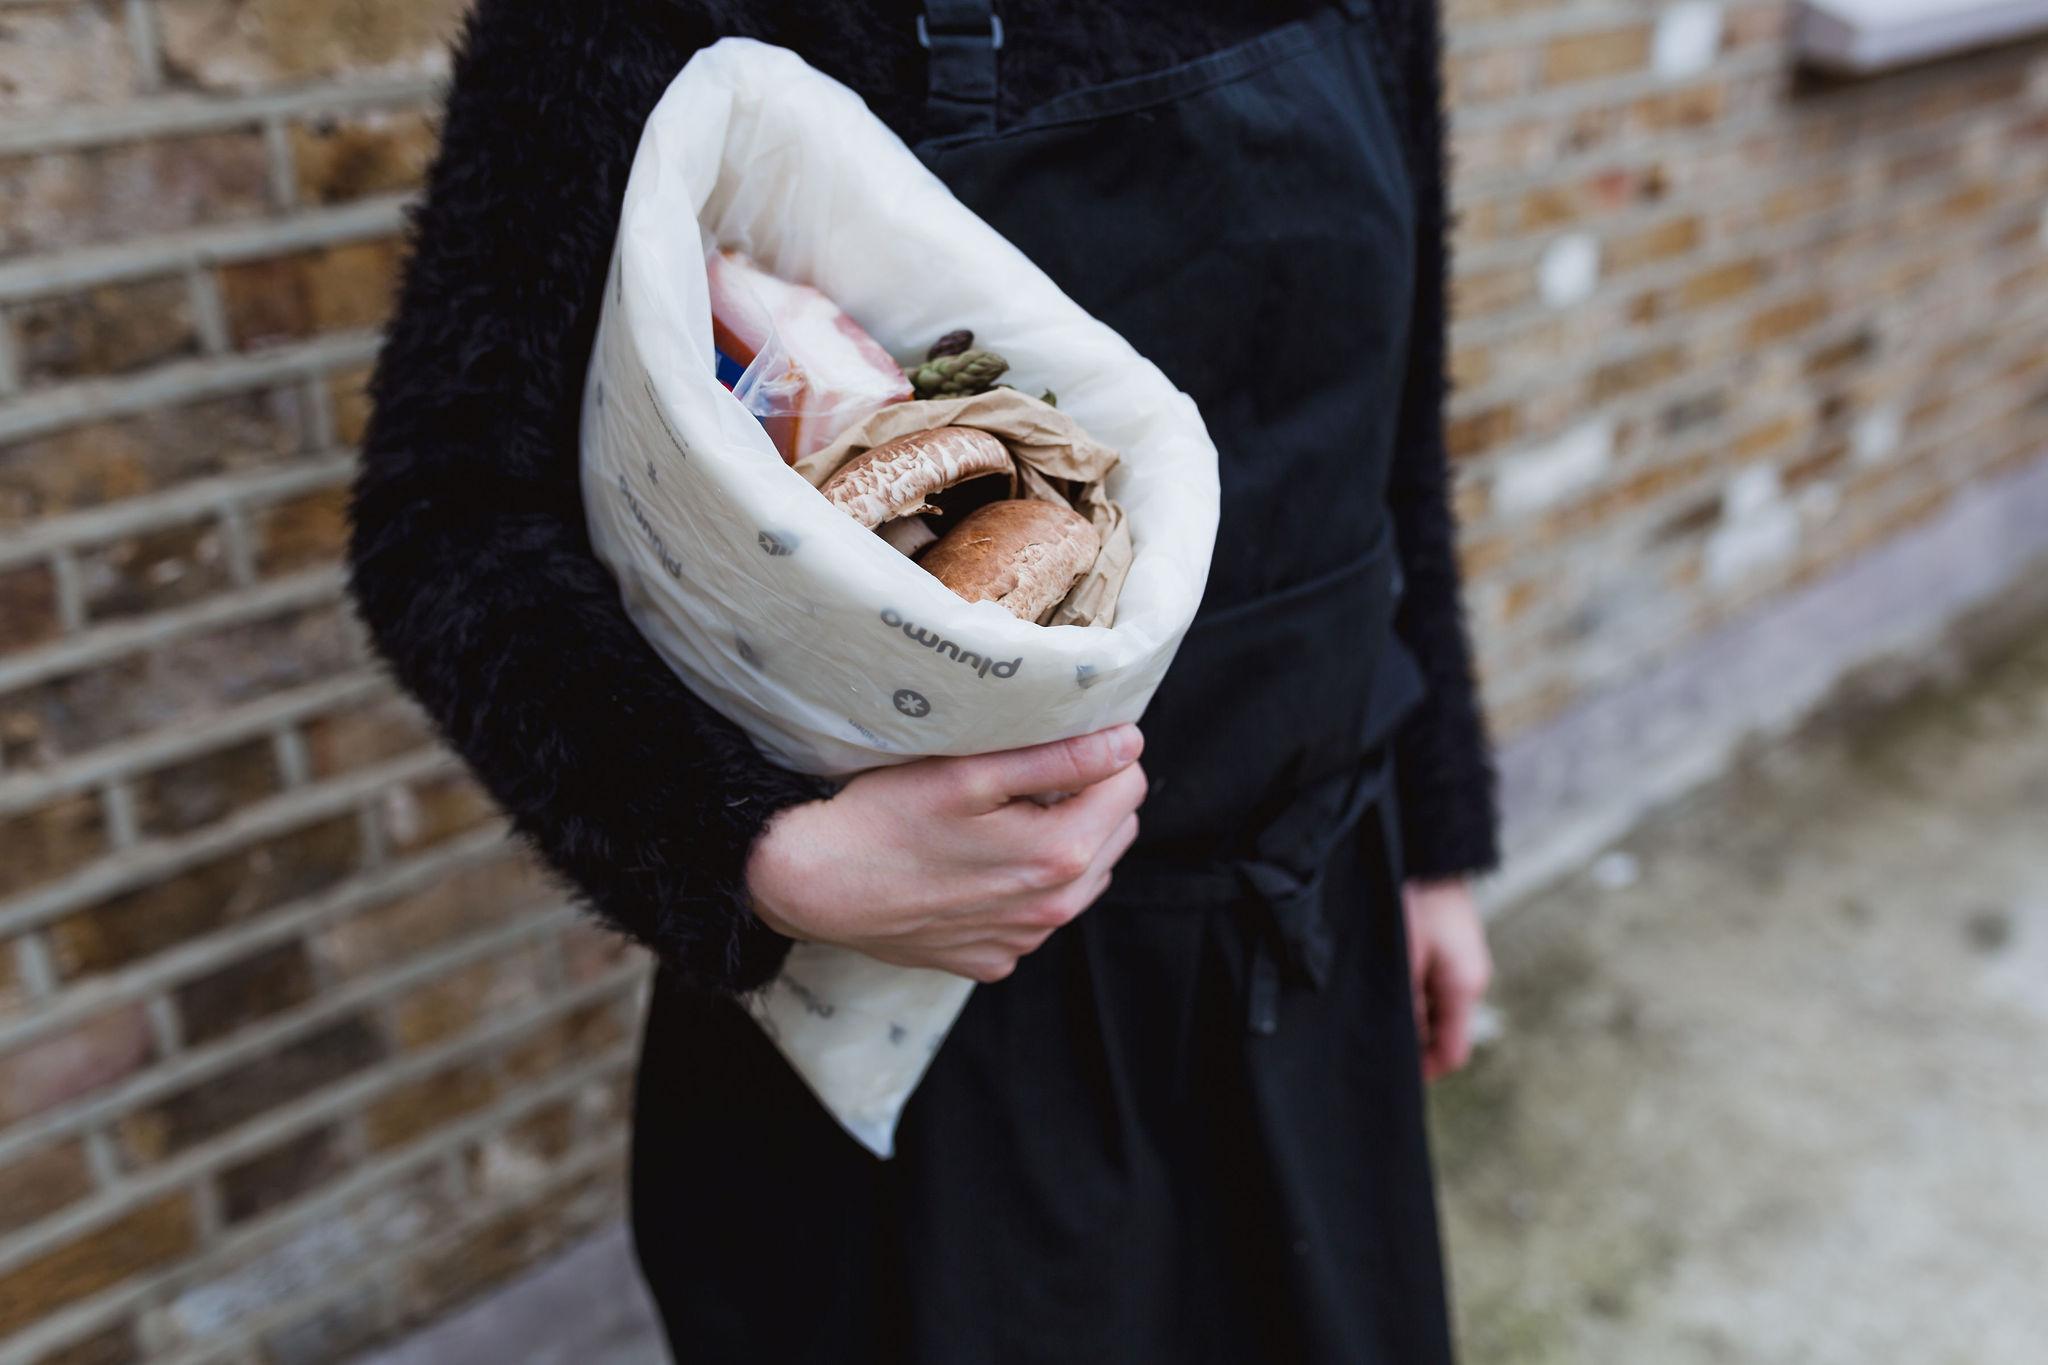 pluumo-BAG: Eine gefaltete pluumo Matte in einer kompostierbaren Filmtasche für kleine Sendungen von 1-2kg.